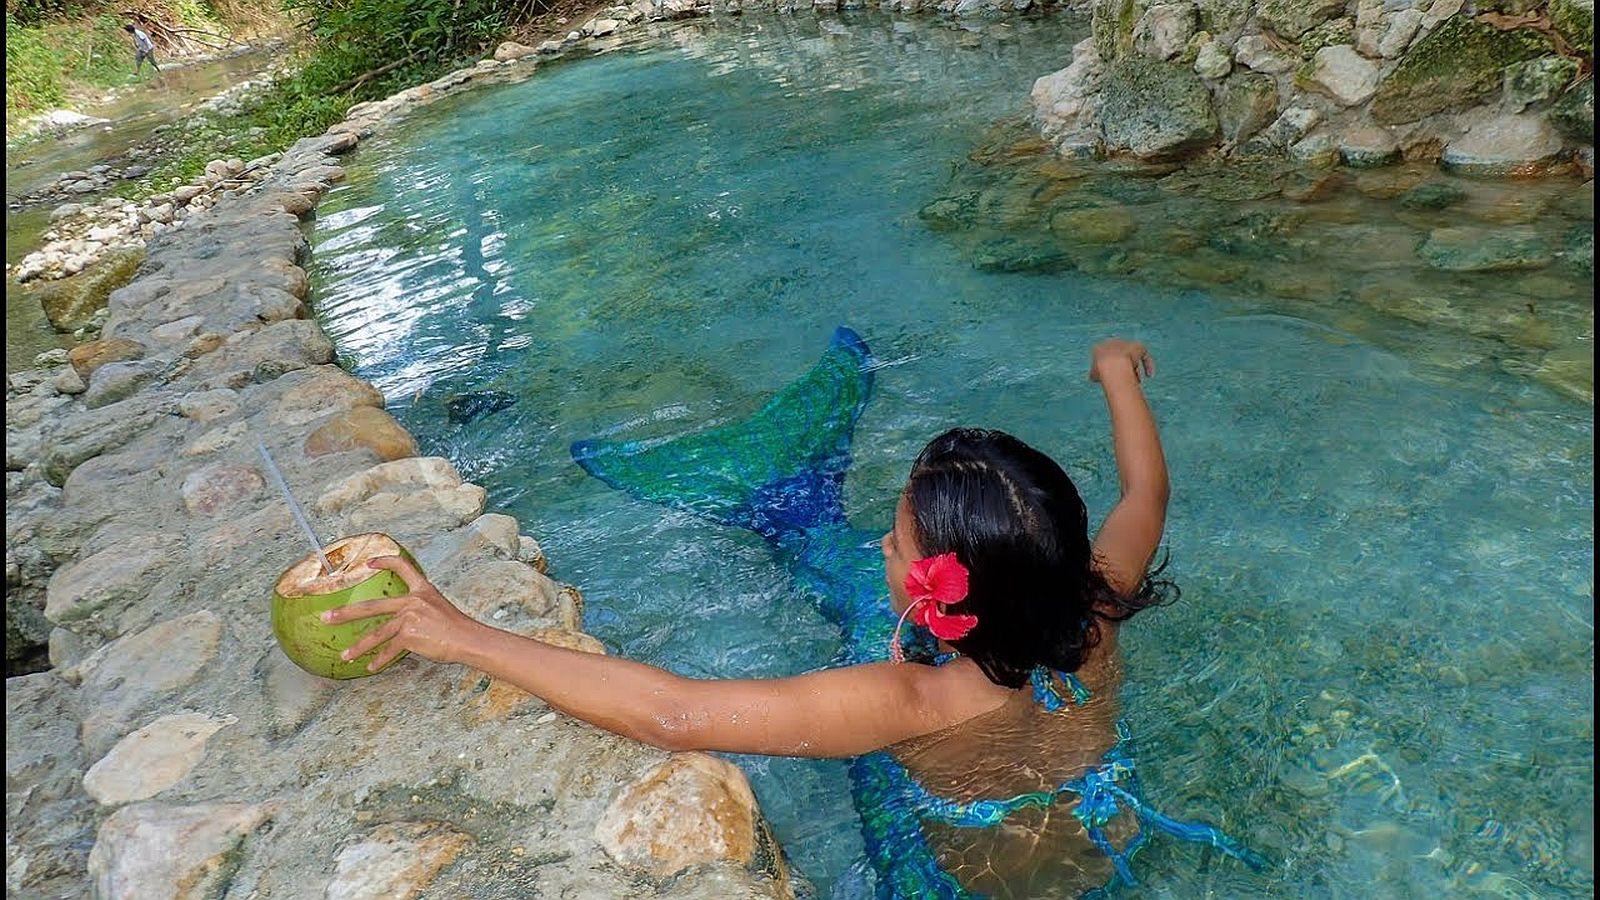 PHILIPPINEN REISEN - ORTE - CEBU - Touristische Ortsbeschreibung für Malabuyoc